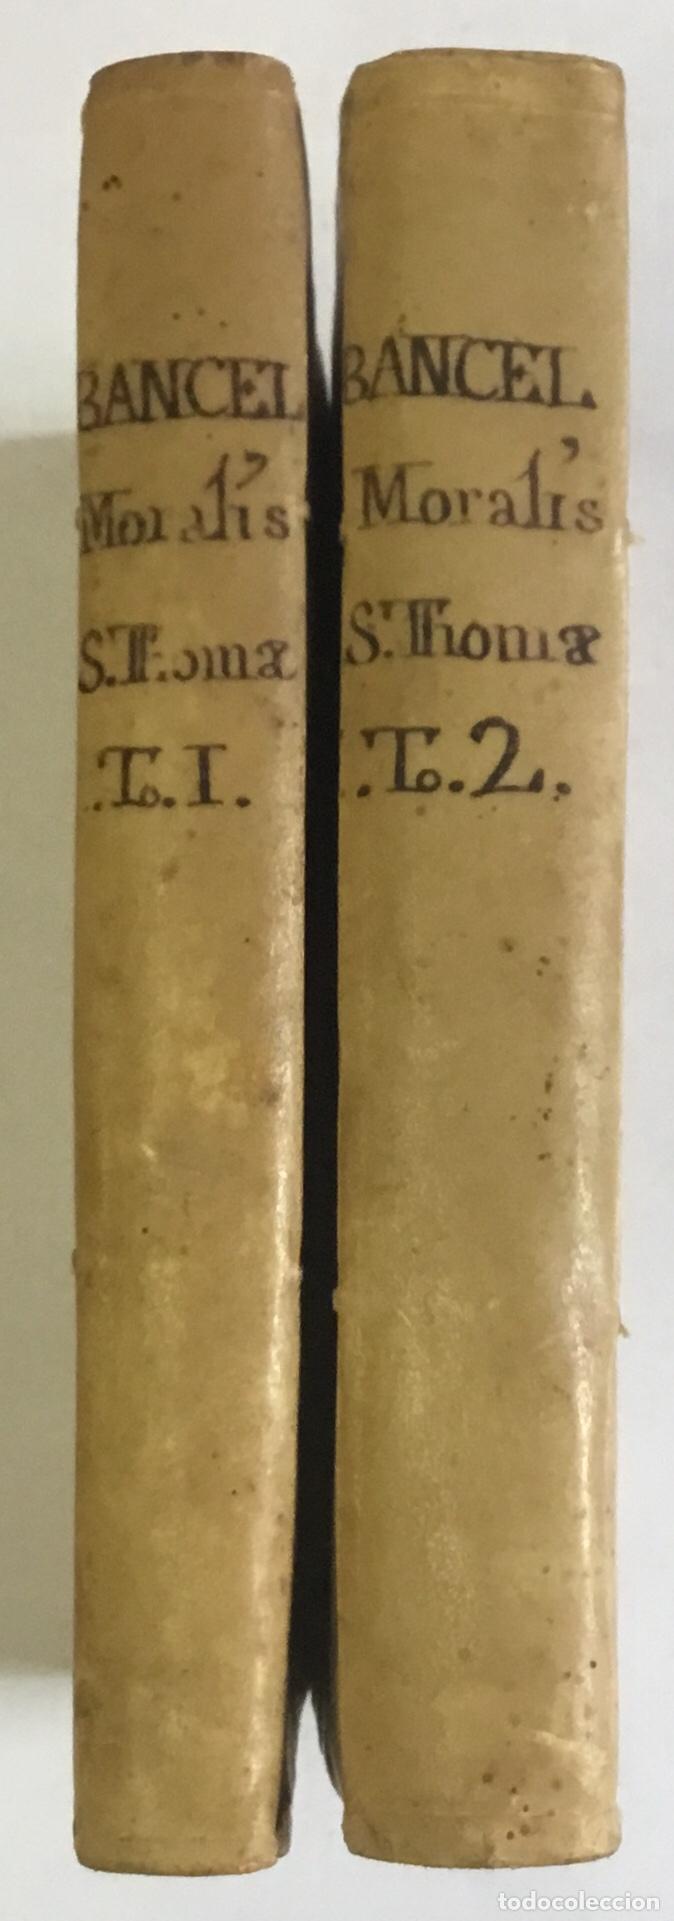 MORALIS D. THOMAE AQUINATIS DOCTORIS ANGELICI ORDINIS..... VENETIIS 1757. 2 TOMOS. PERGAMINO. (Libros Antiguos, Raros y Curiosos - Religión)